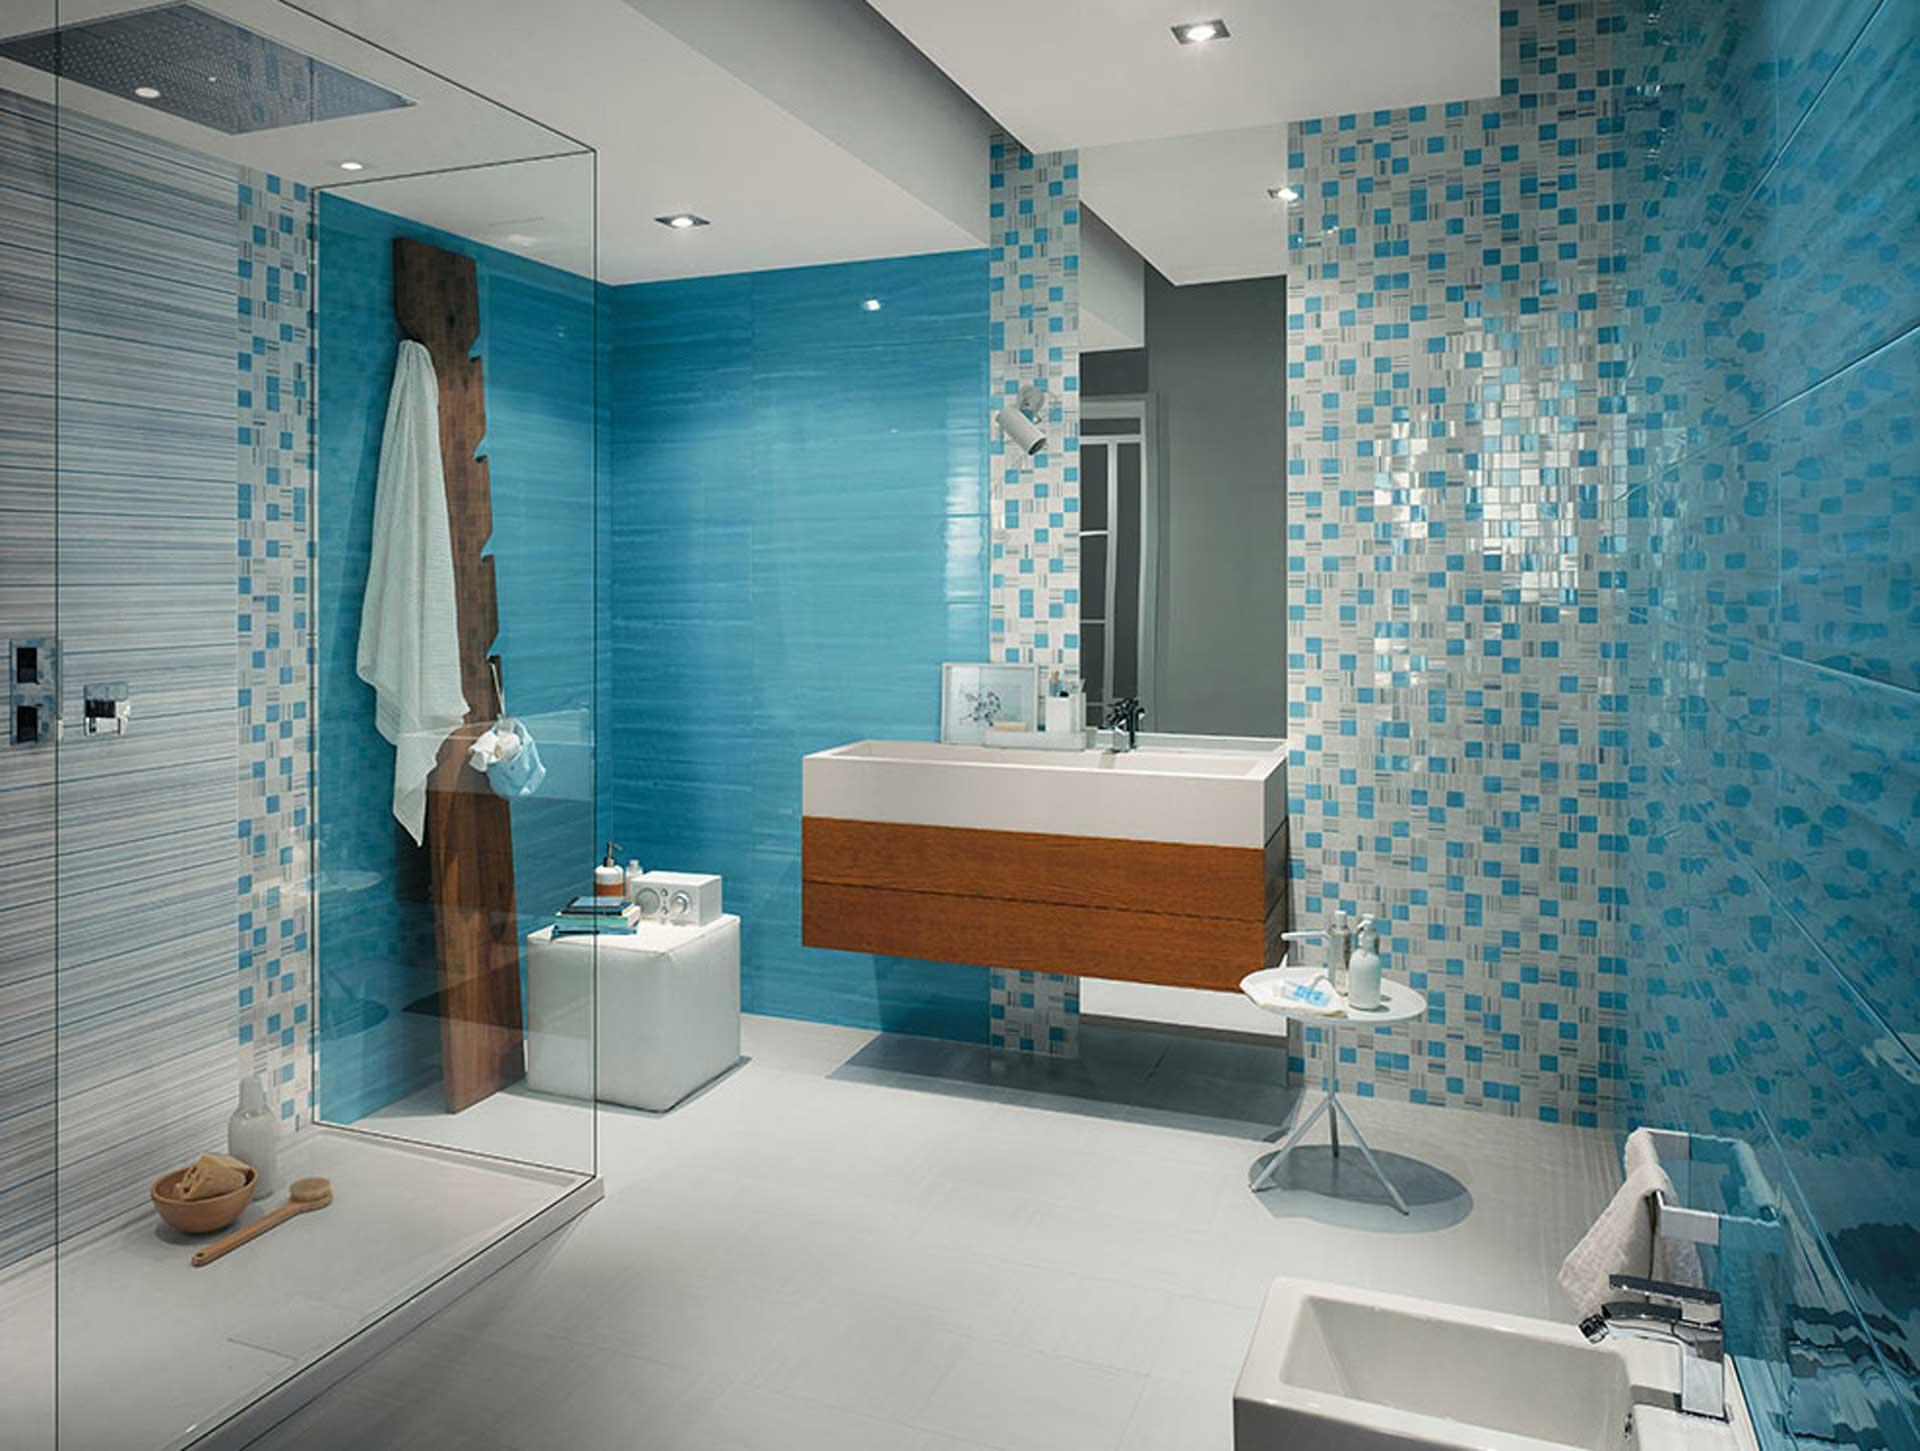 Sole un mix di decori e mosaici per il rivestimento bagno orsolini - Ceramiche per bagno ...